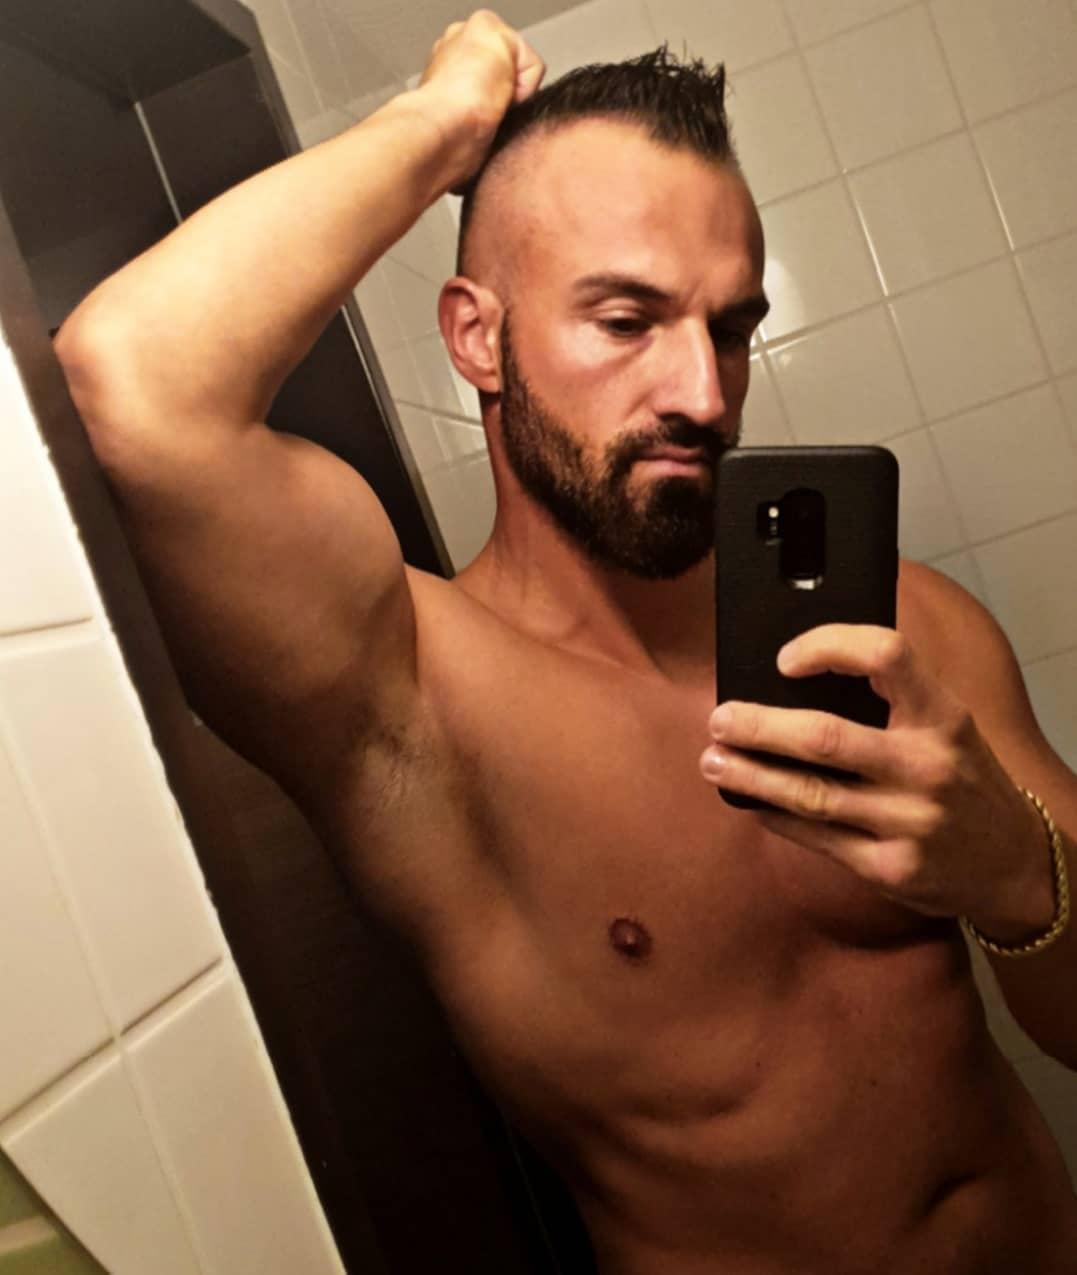 Tagelang nicht ordentlich ausgeschlafen, kein regelmäßiges Essen und Stress pur ficken dich richtig…trotzdem wird jetzt mit dem Brecheisen gearbeitet um das hartnäckige Fett loswerden. Manchmal würde ich mich gerne mit Anabolika vollpumpen, dann wäre vieles sicher einfacher… aber Daddy muss ja schlau bleiben und will seine Gesundheit und die bosshafte Libido nicht ruinieren💪🏻✌🏻 . #mcfit #herne #sport #fitness #selfie #naked #body #me #hotel #muscles #abs #biceps #bangboss #bosshaft #potd #like #berliner #likeme #instagood #instalike #fitfam #instafit #instafitness #fitnessmotivation #diet